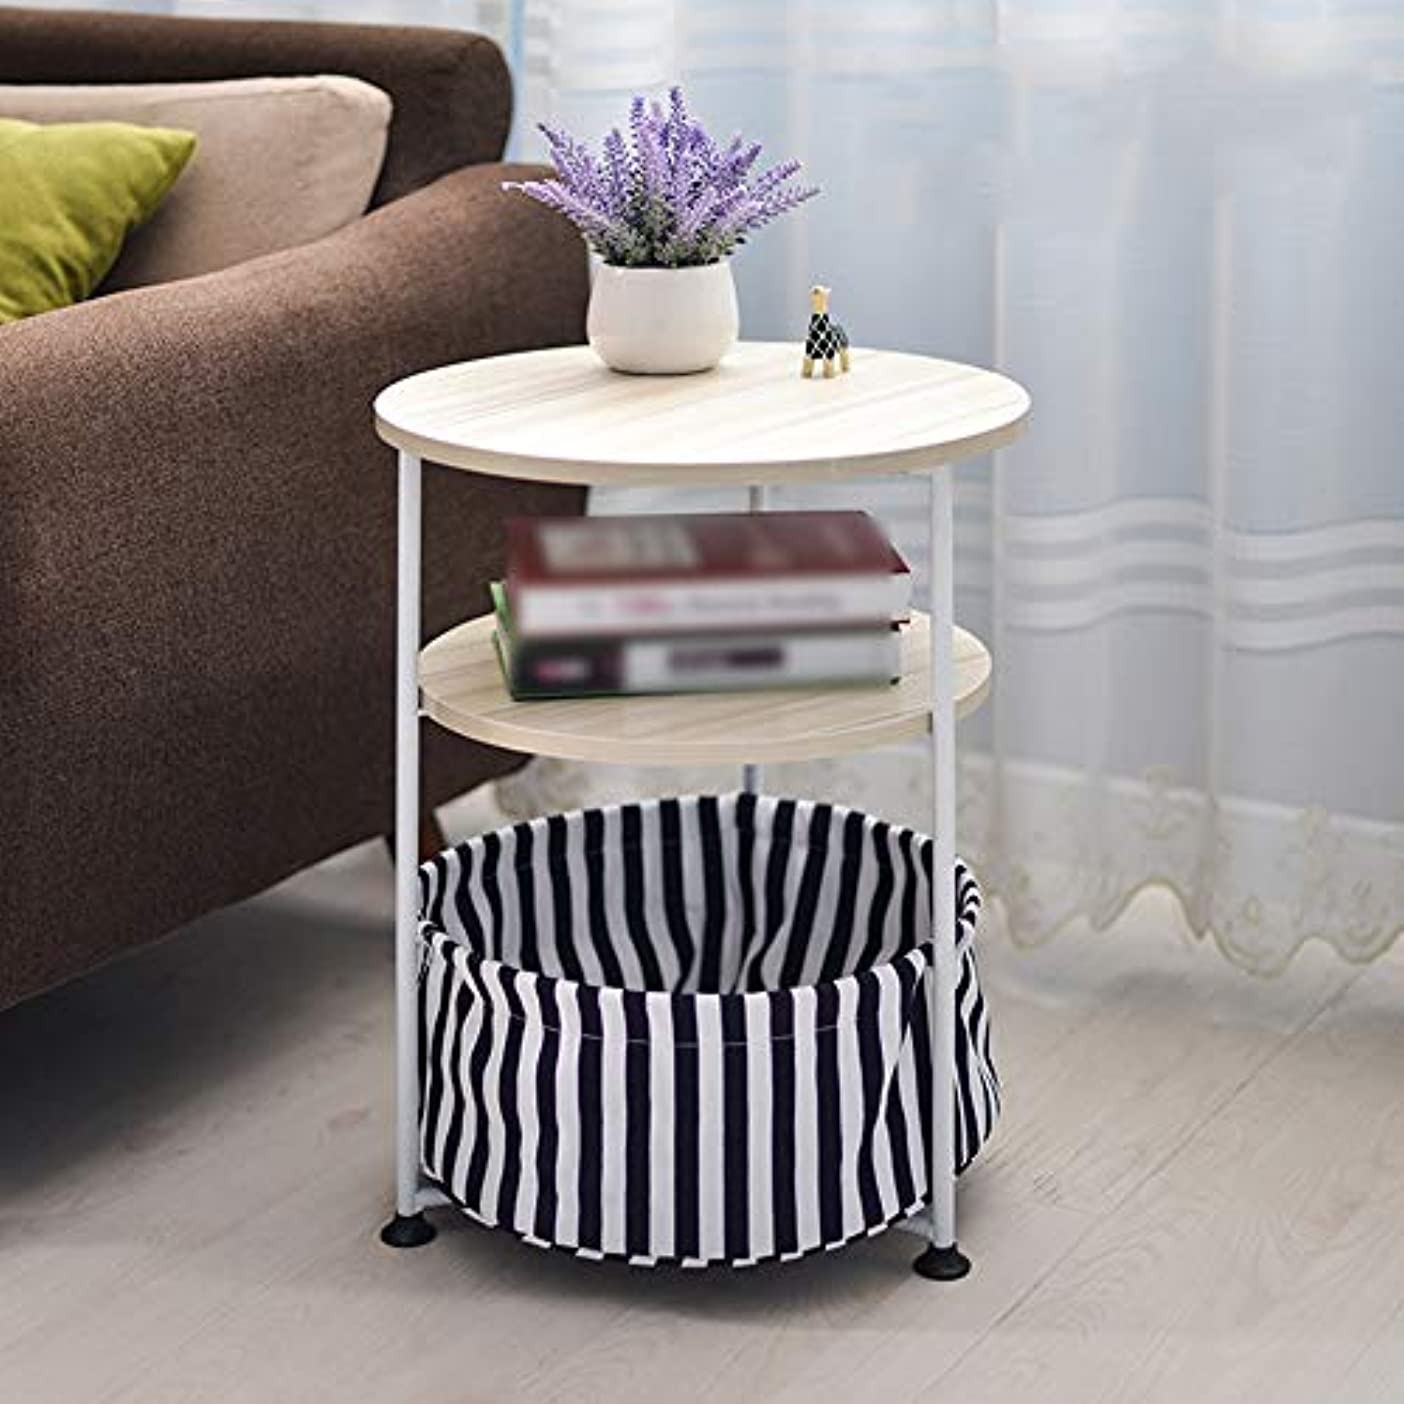 時折ブローシェルLJHA zhuozi ラウンドベッドサイドコーヒーテーブル、シンプルでモダンな多機能木製テーブル木製のコンピュータデスク(41 * 53センチメートル) (色 : 3, サイズ さいず : 41*53cm)